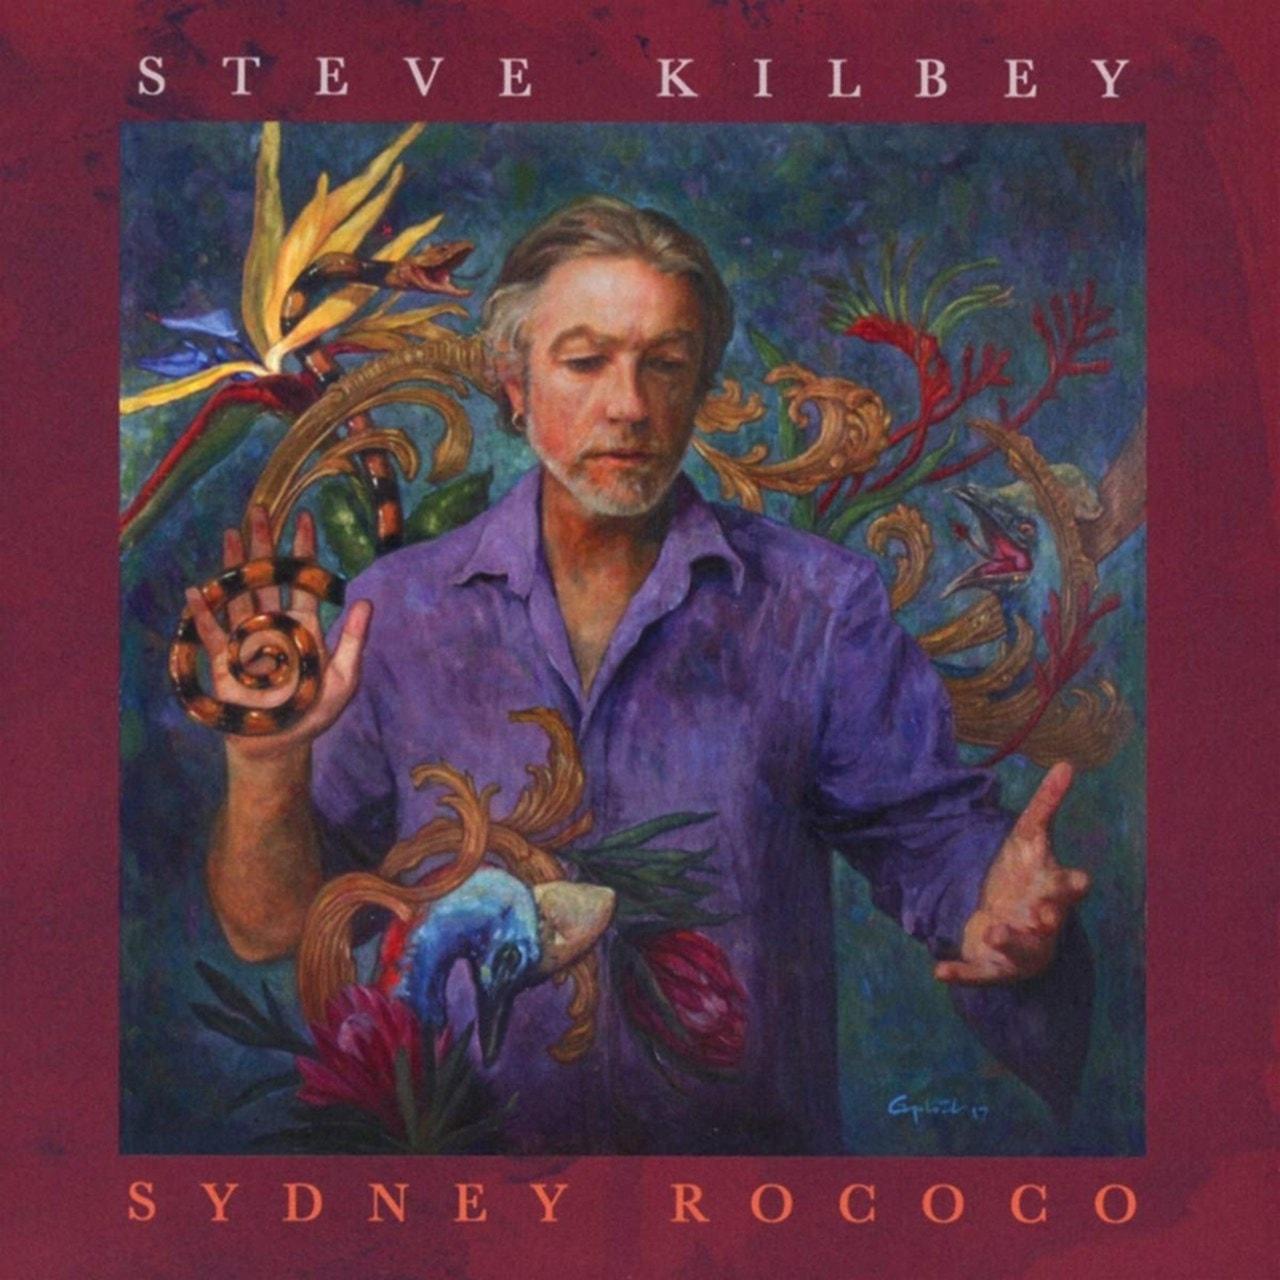 Sydney Rococo - 1